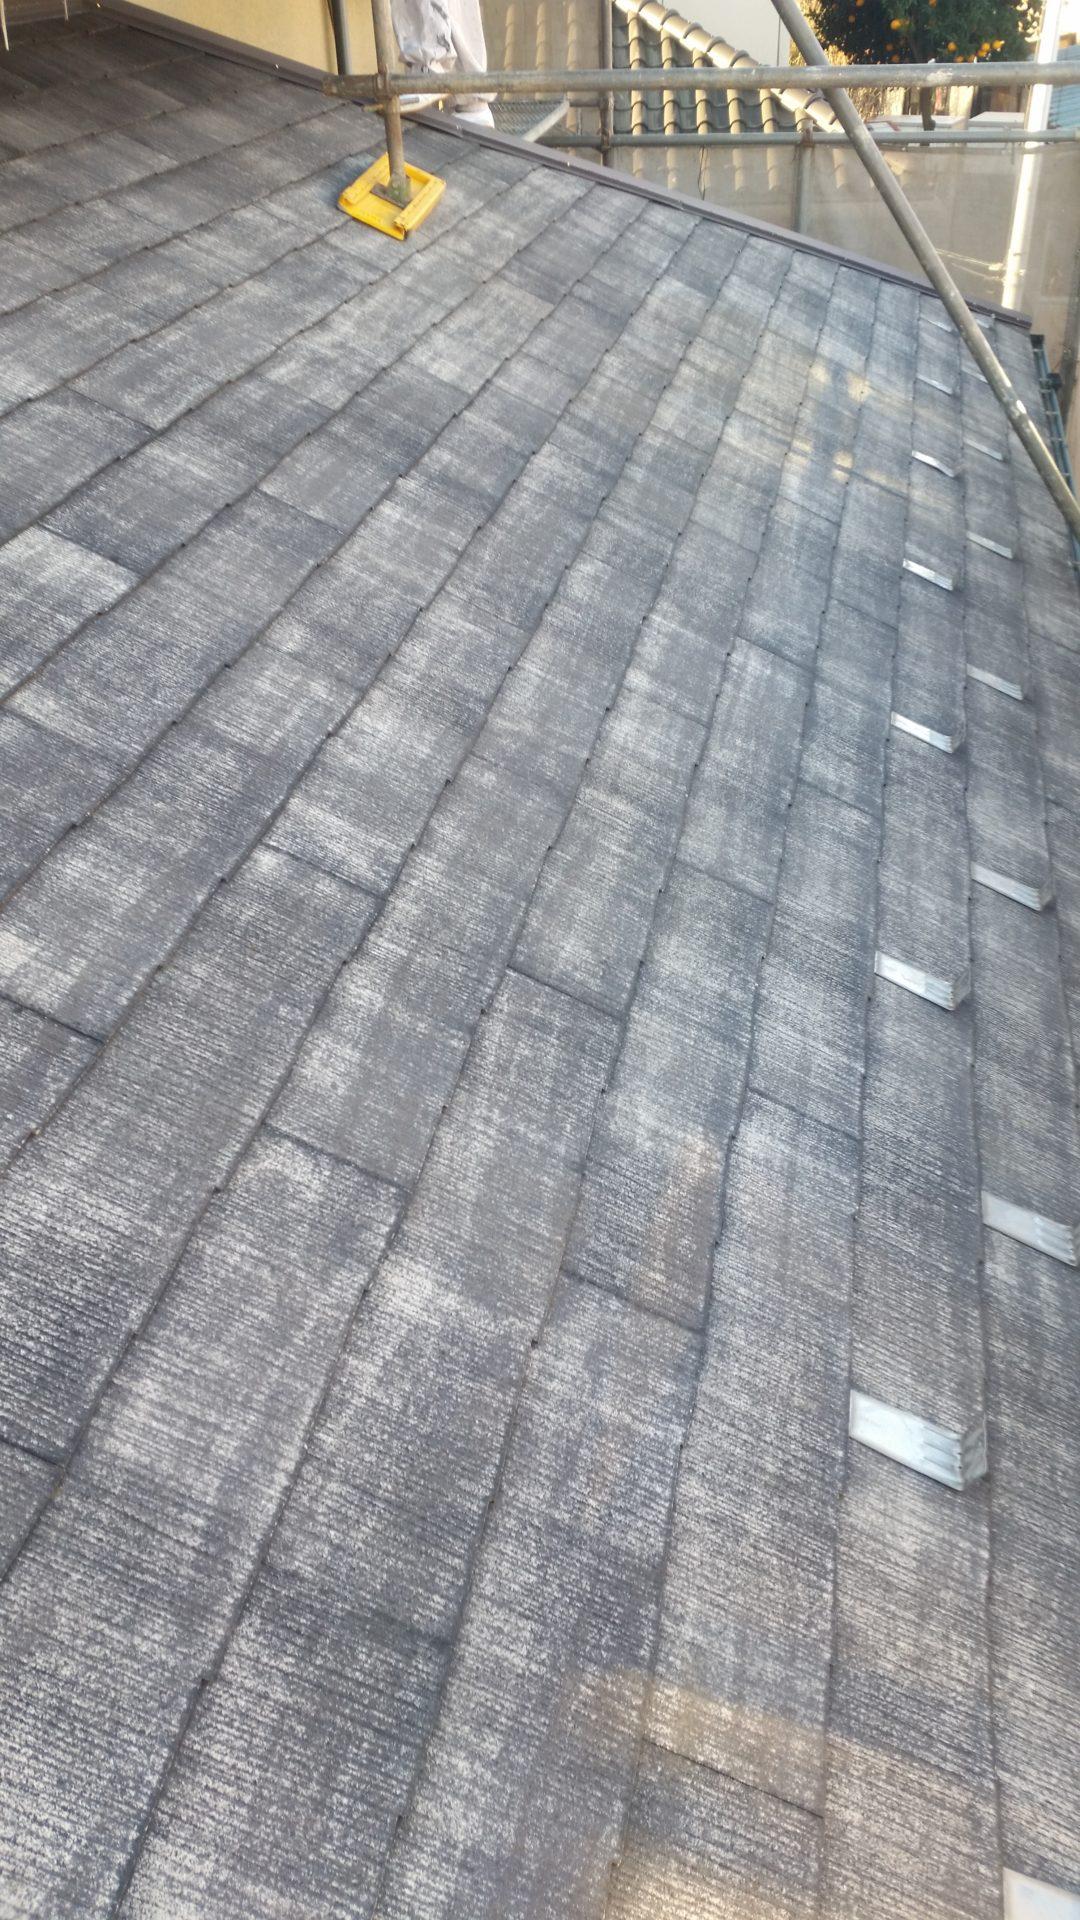 静岡県富士宮市外壁・屋根塗装工事 高圧洗浄の画像